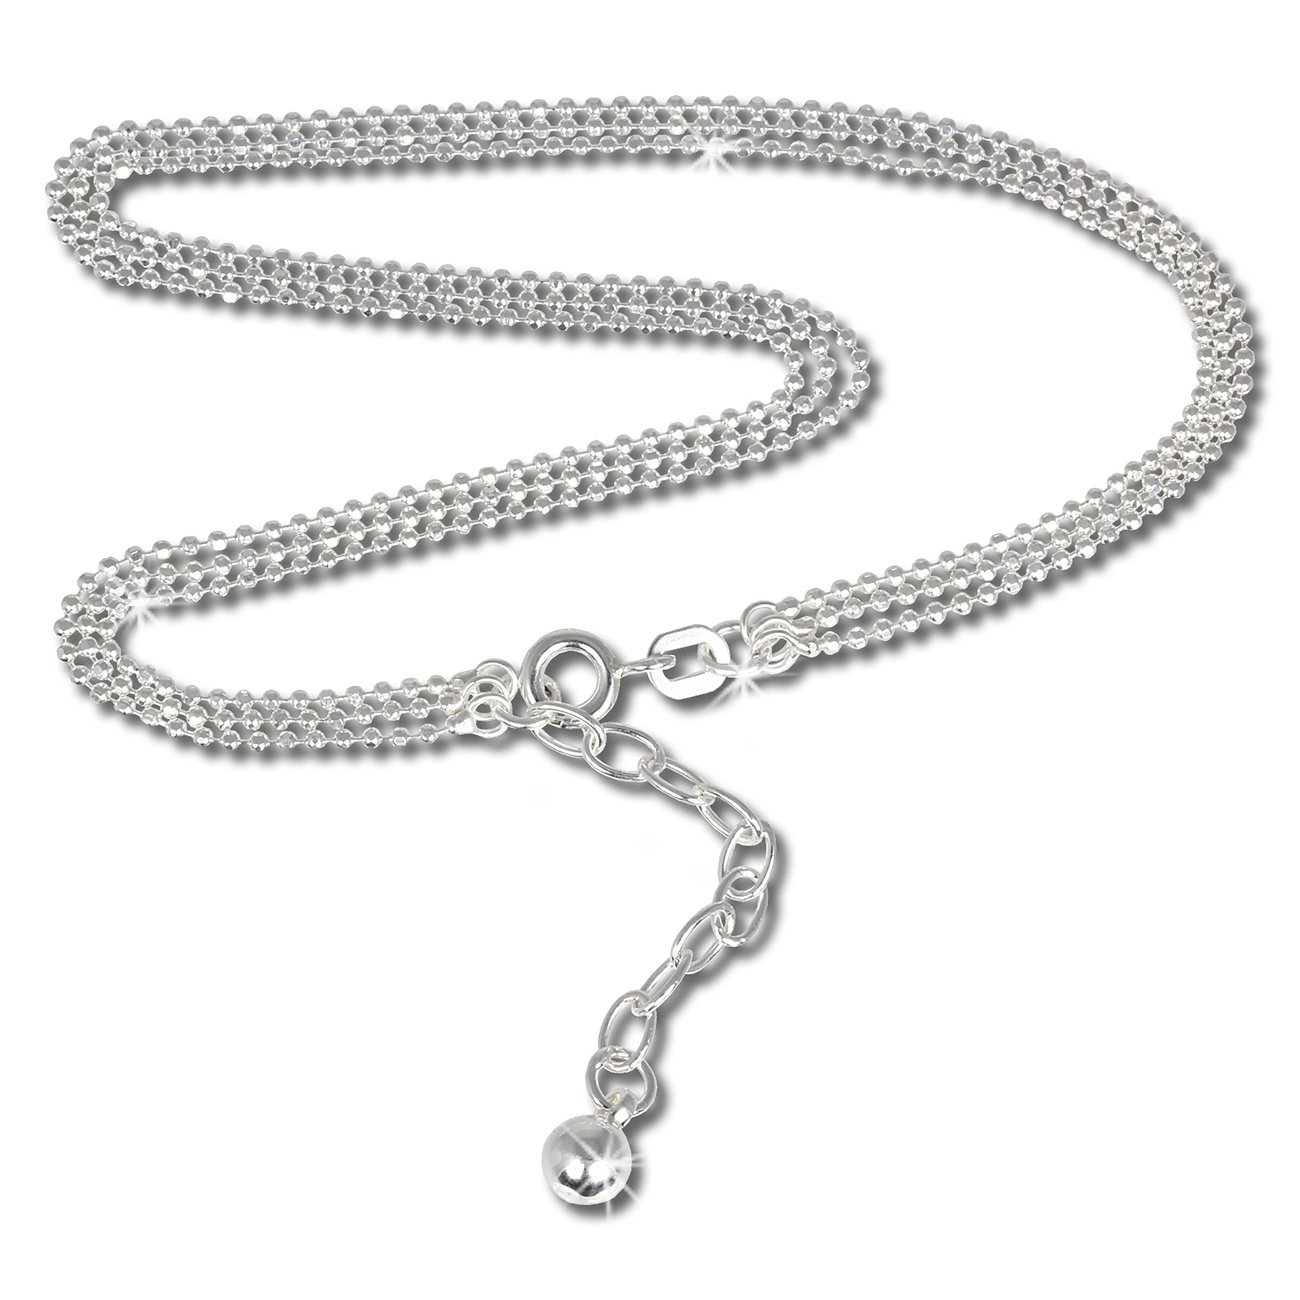 SilberDream bijoux collection - chaîne de pied 3er chain de boule - longeur env. 24cm - Bracelet de cheville SDF012